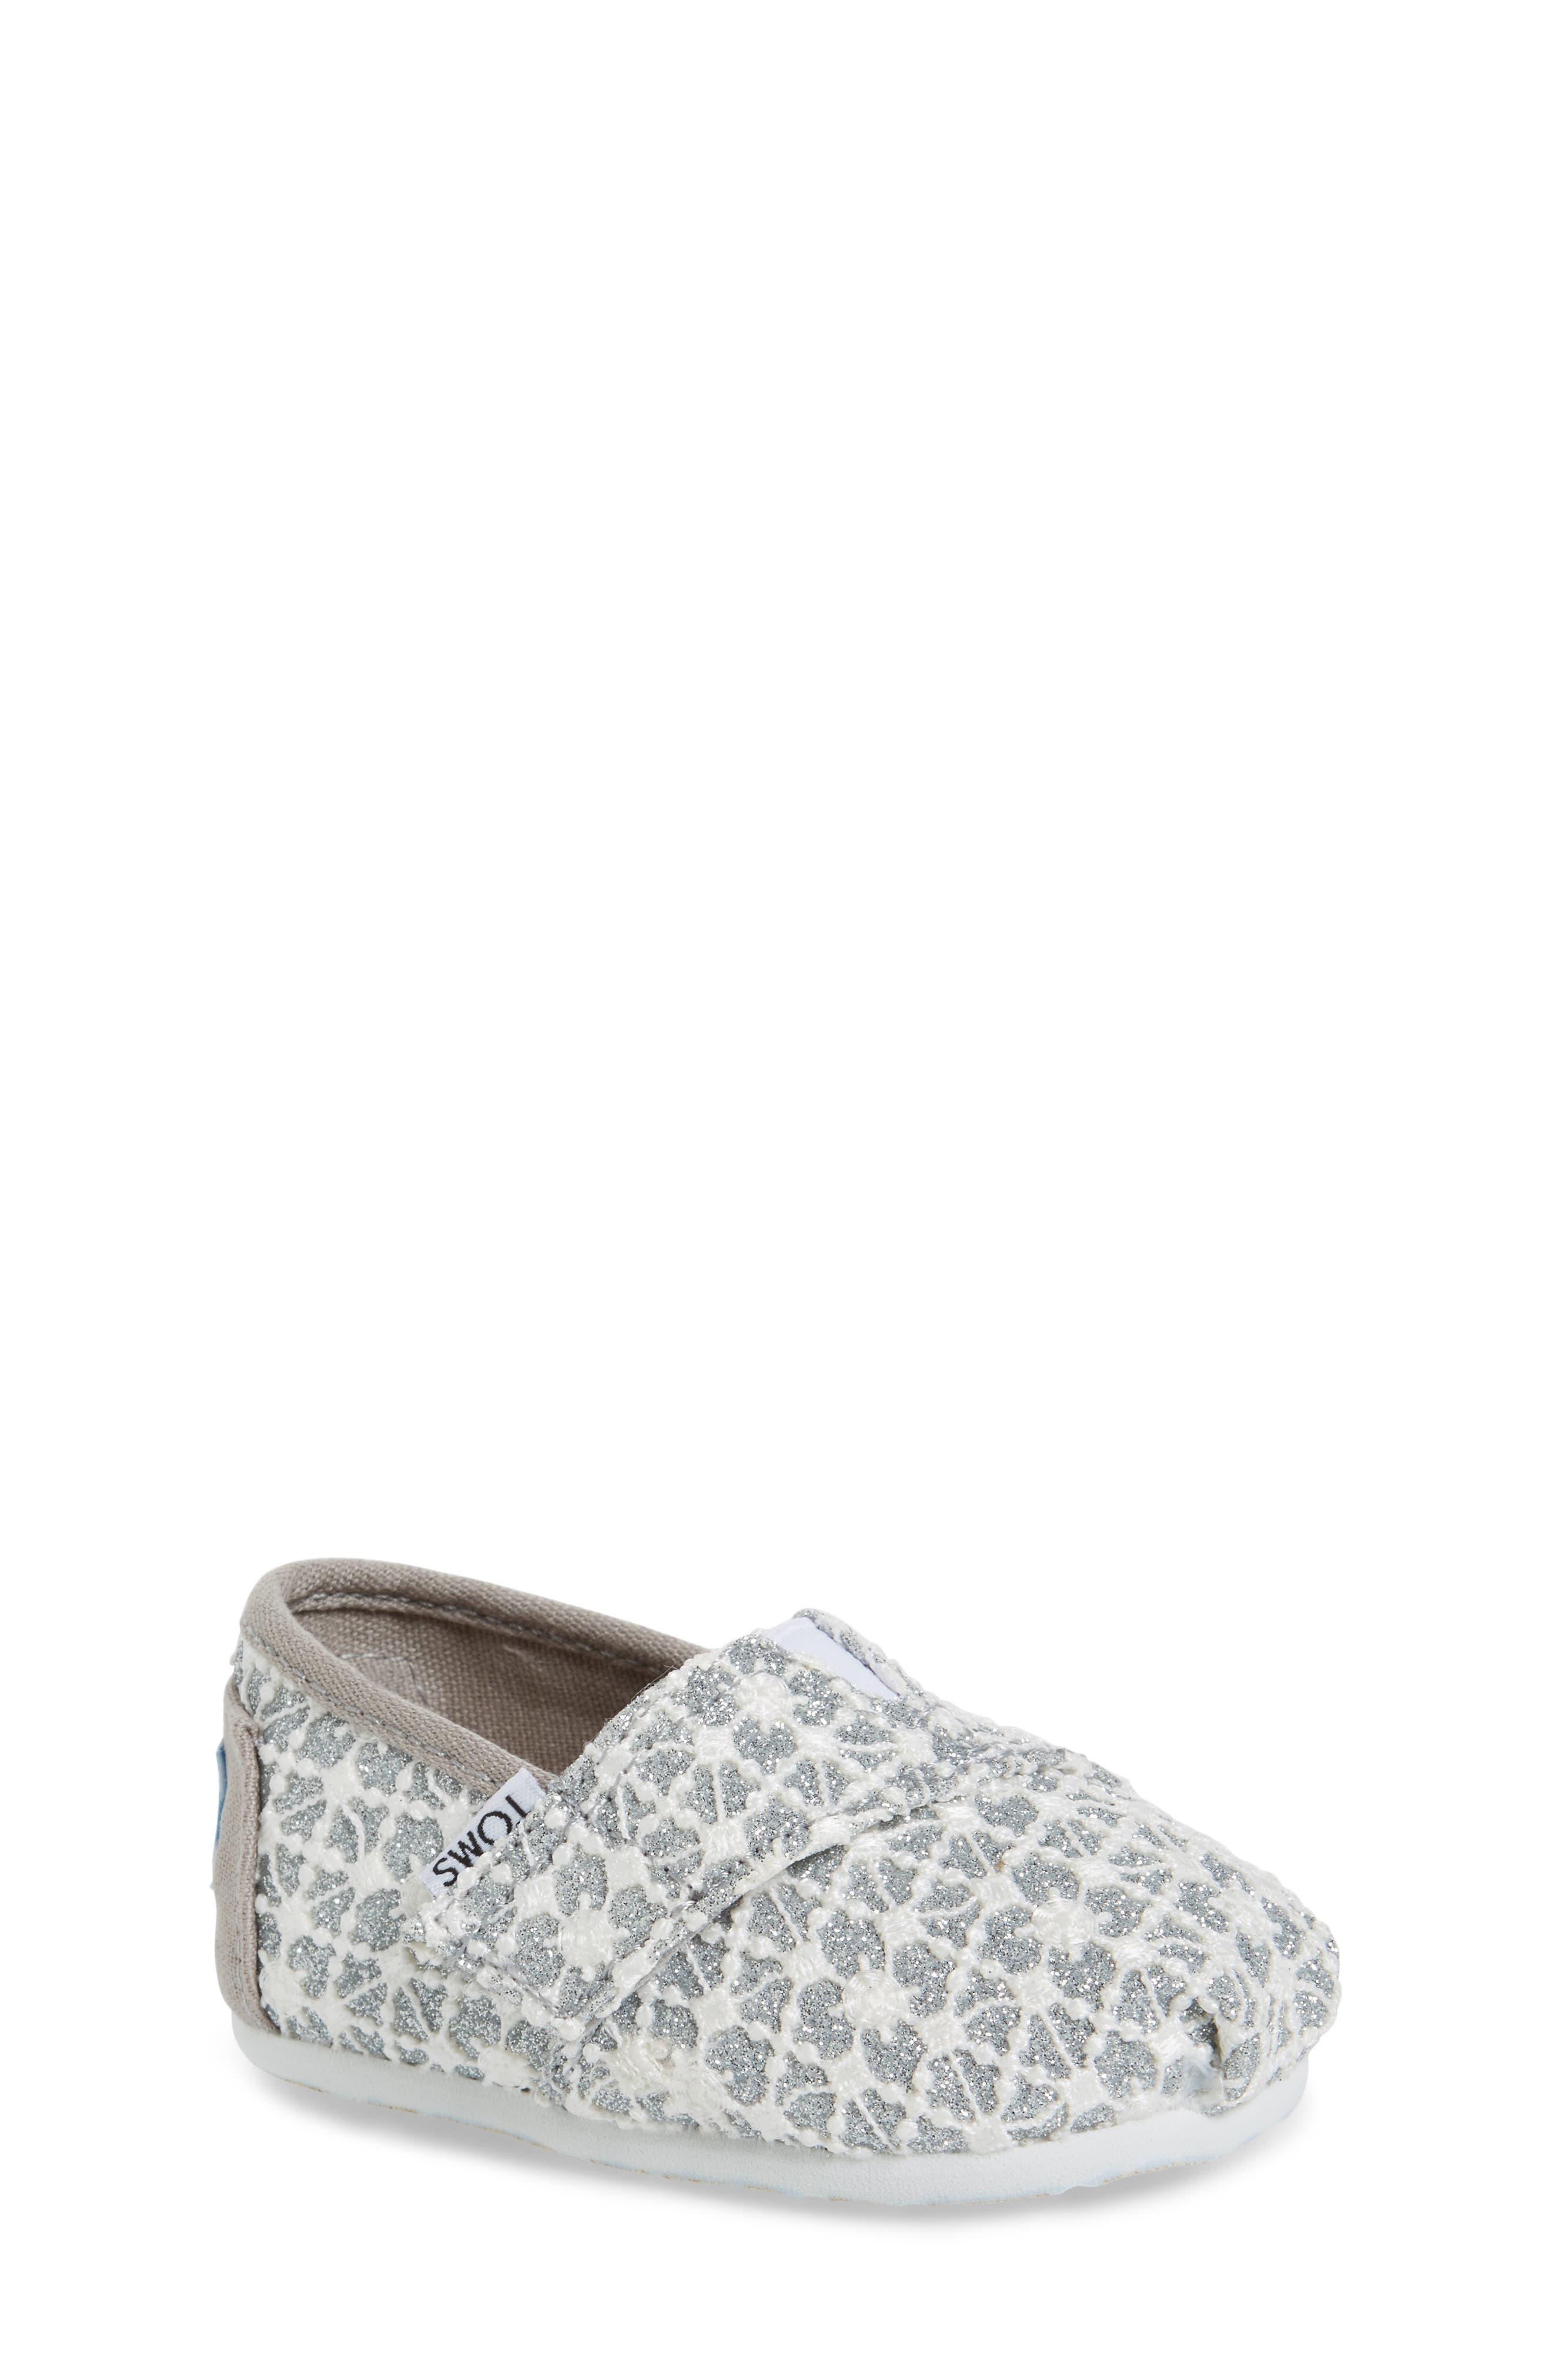 TOMS Classic Alpargata Lace Glimmer Slip-On